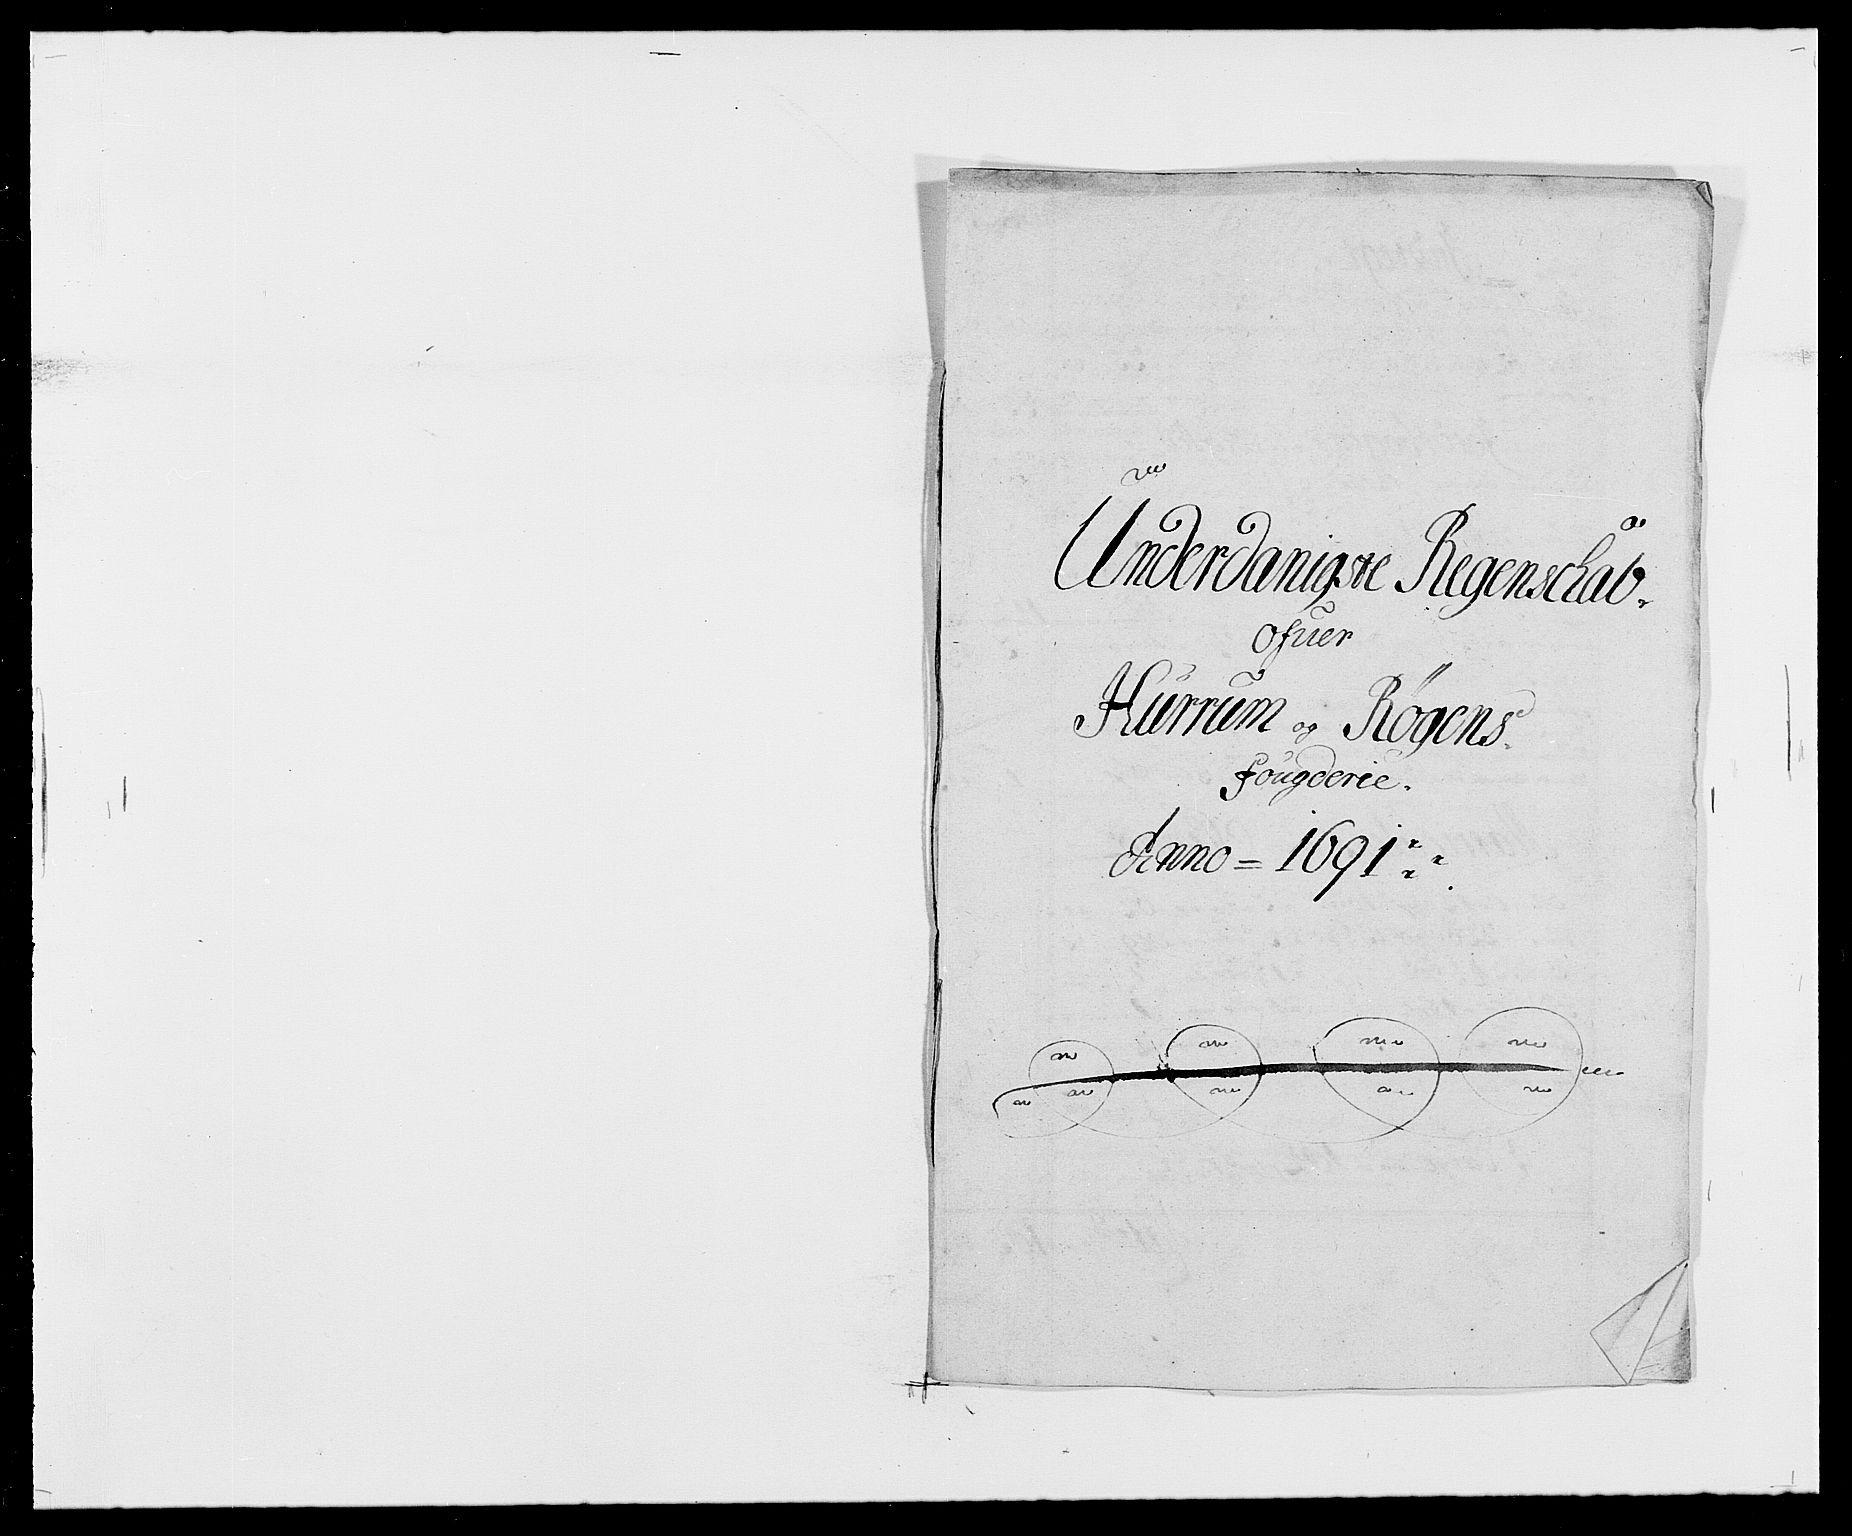 RA, Rentekammeret inntil 1814, Reviderte regnskaper, Fogderegnskap, R29/L1693: Fogderegnskap Hurum og Røyken, 1688-1693, s. 186